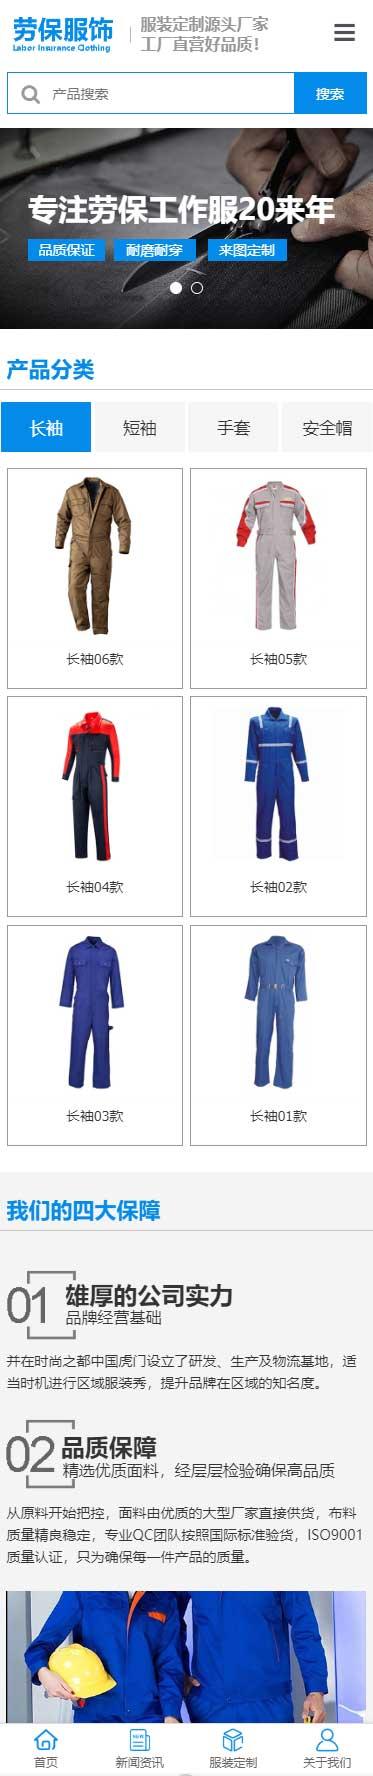 劳保服饰小程序展示模板